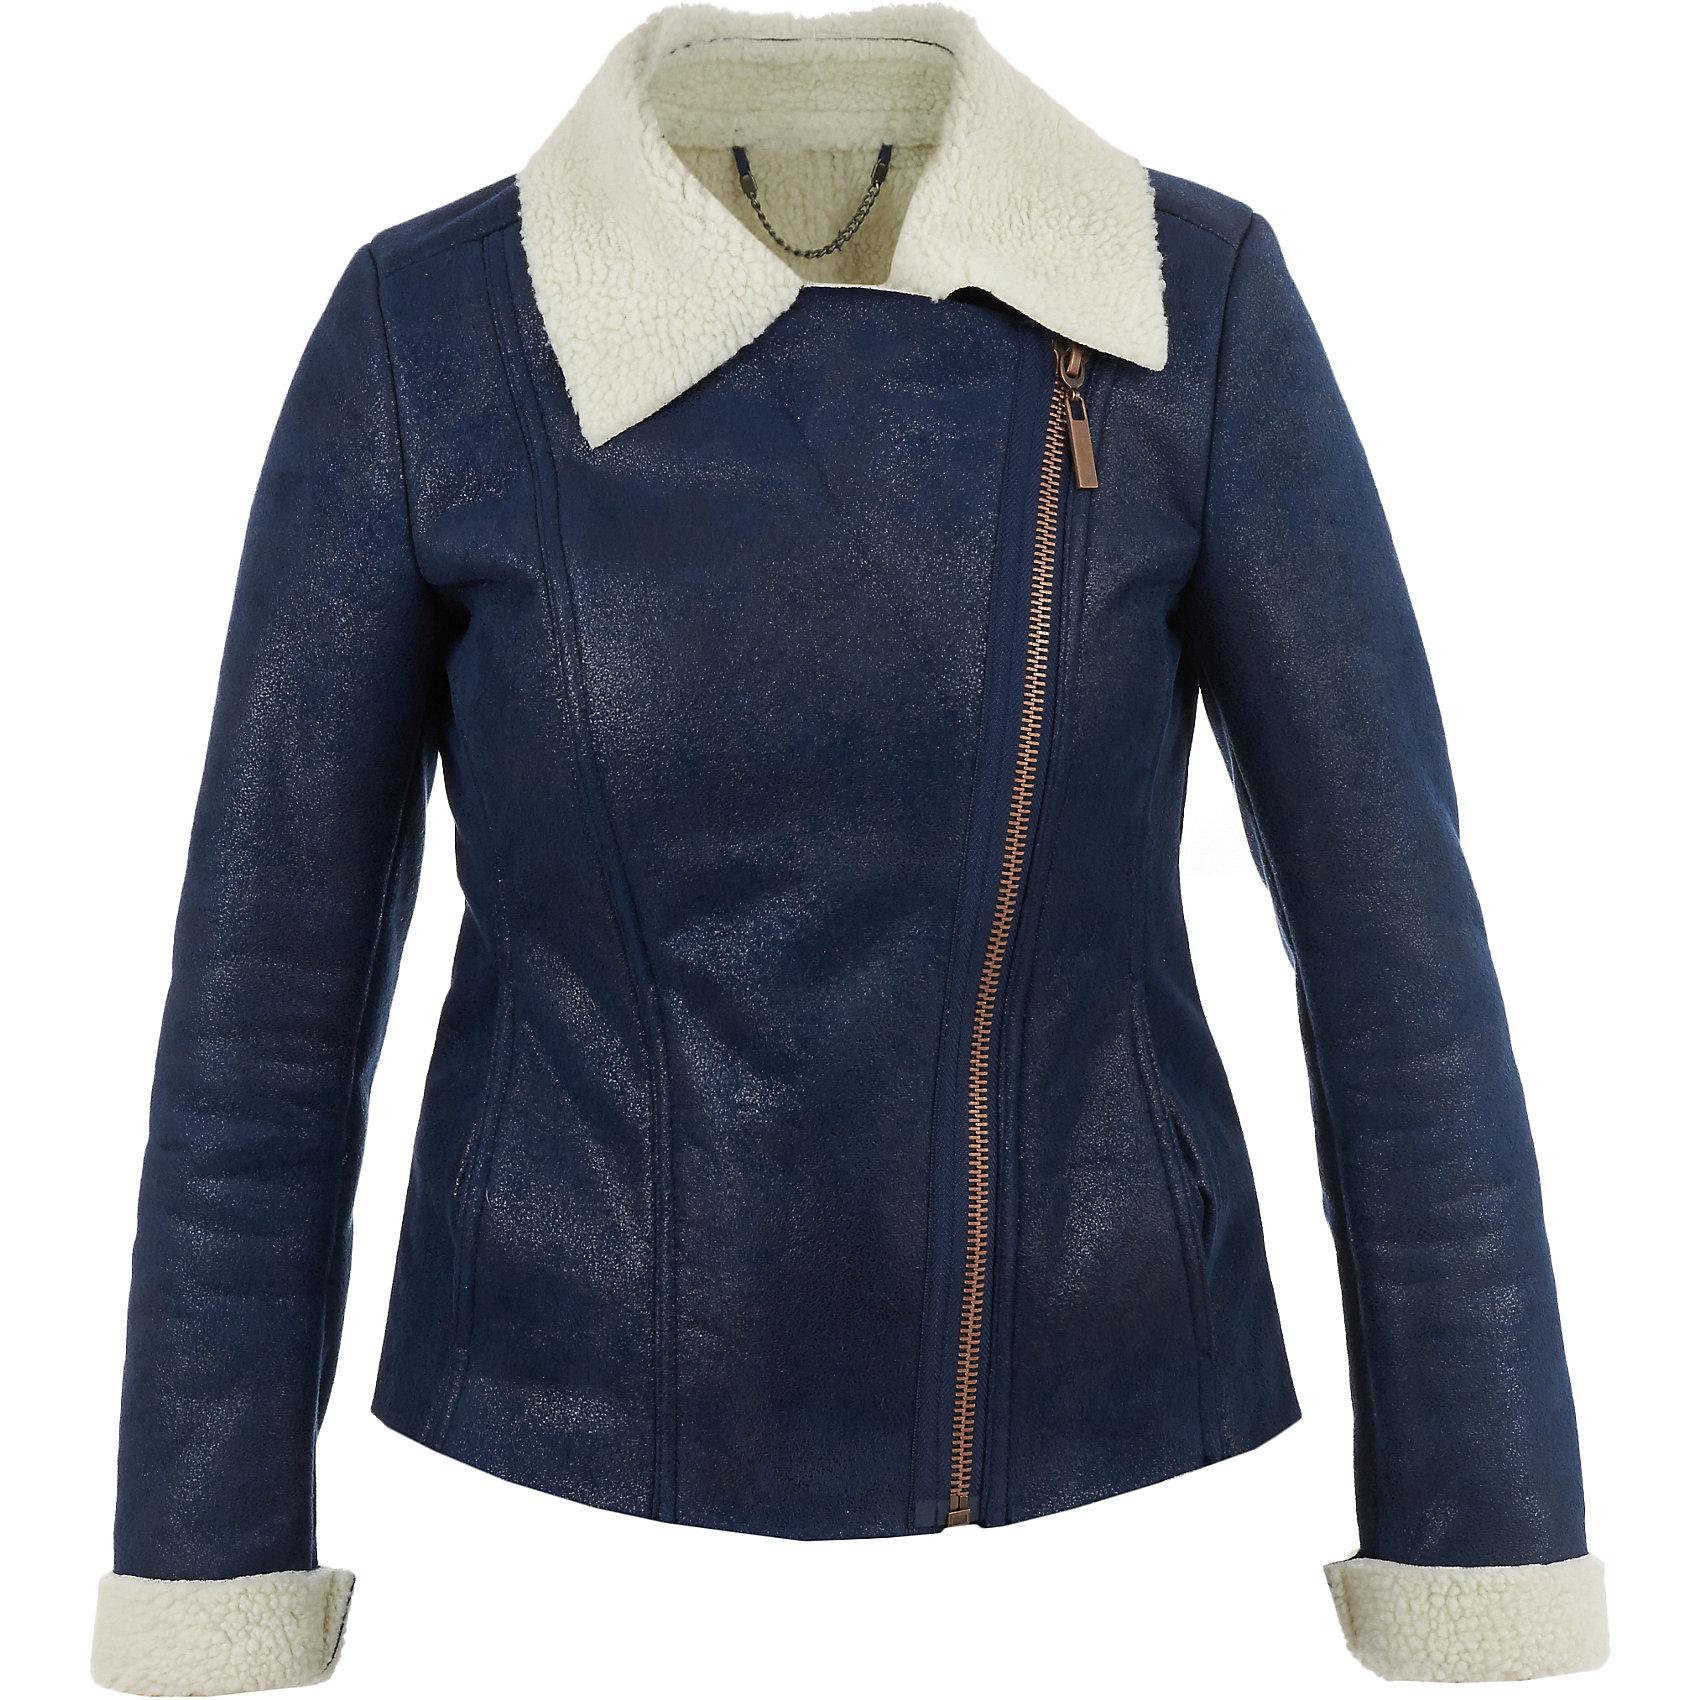 Куртка Gulliver для девочкиВерхняя одежда<br>Куртка Gulliver для девочки<br>Шикарное вязаное платье для девочки из мягкой синей пряжи - прекрасная возможность подчеркнуть актуальность образа юной леди. Мягкое, уютное, комфортное, вязаное платье - основа удобного и элегантного повседневного гардероба. Шрифтовой принт, оформленный сияющими медными пайетками делает платье необычным и запоминающимся. Если вы хотите купить теплое платье для девочки, но вам наскучили простые базовые решения, платье из коллекции Купрум - превосходный вариант. Модное вязаное платье прямого силуэта - идеальное решение для красоты и комфорта ребенка!<br>Состав:<br>40% вискоза     20% шерсть     20% нейлон     20% ангора<br><br>Ширина мм: 356<br>Глубина мм: 10<br>Высота мм: 245<br>Вес г: 519<br>Цвет: синий<br>Возраст от месяцев: 156<br>Возраст до месяцев: 168<br>Пол: Женский<br>Возраст: Детский<br>Размер: 164,146,152,158<br>SKU: 7077166